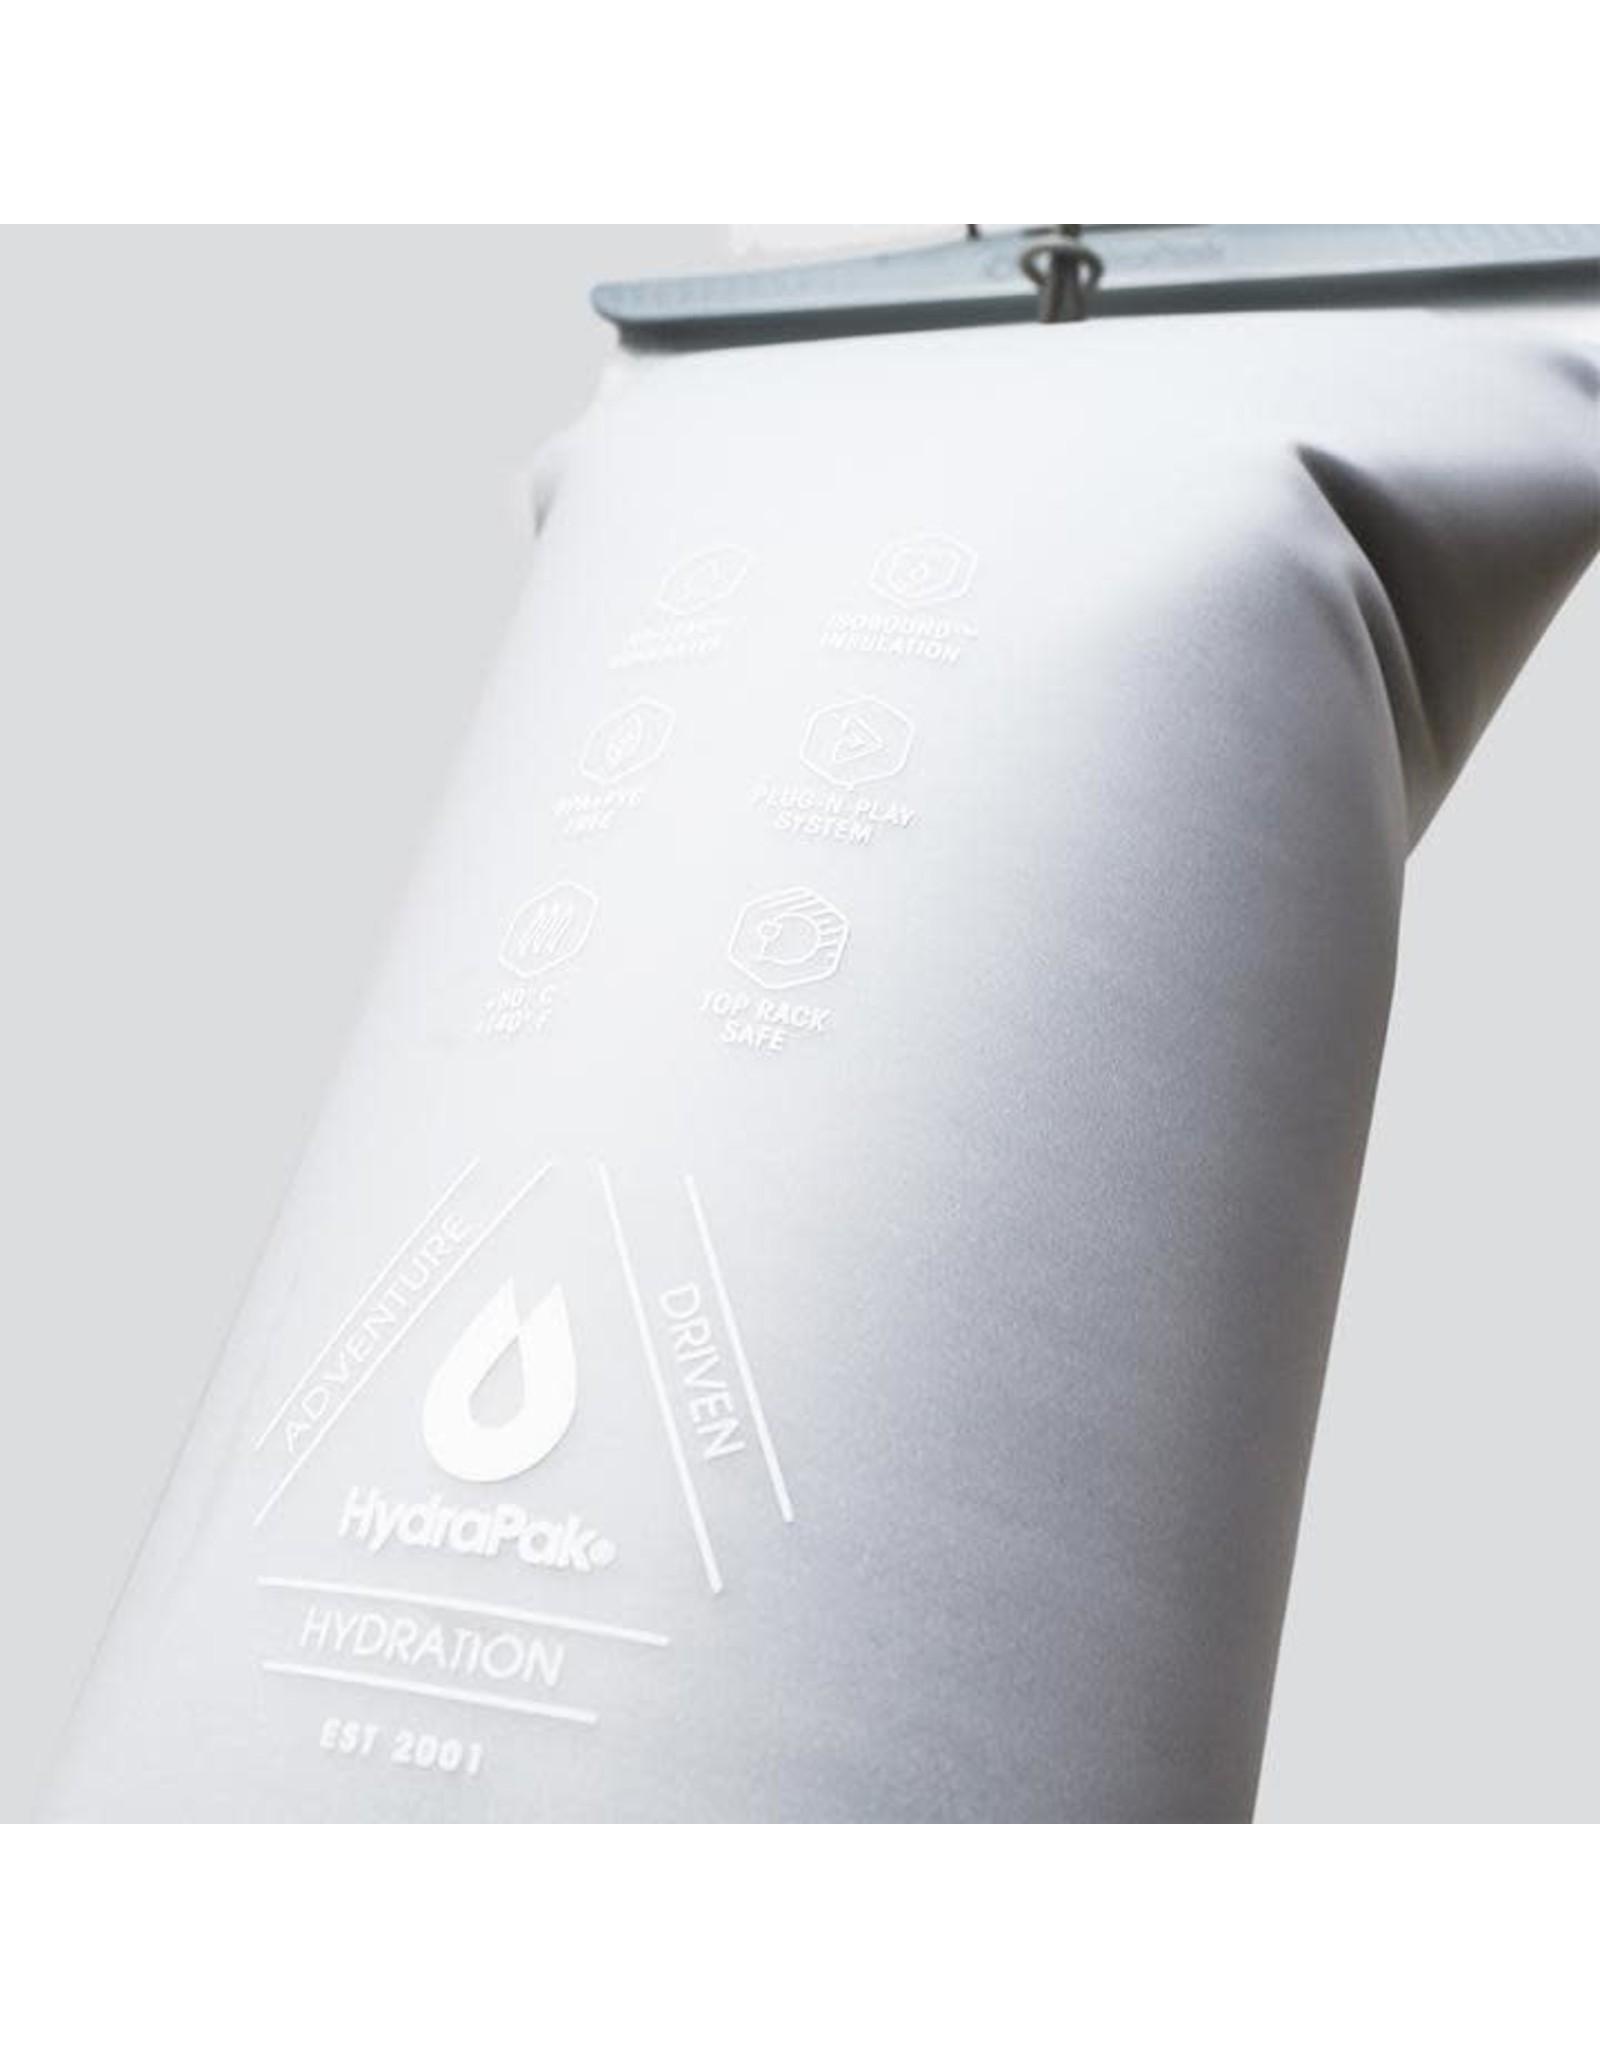 HydraPak HydraPak Velocity IT insulated hydration bag 1.5L-50oz Clear